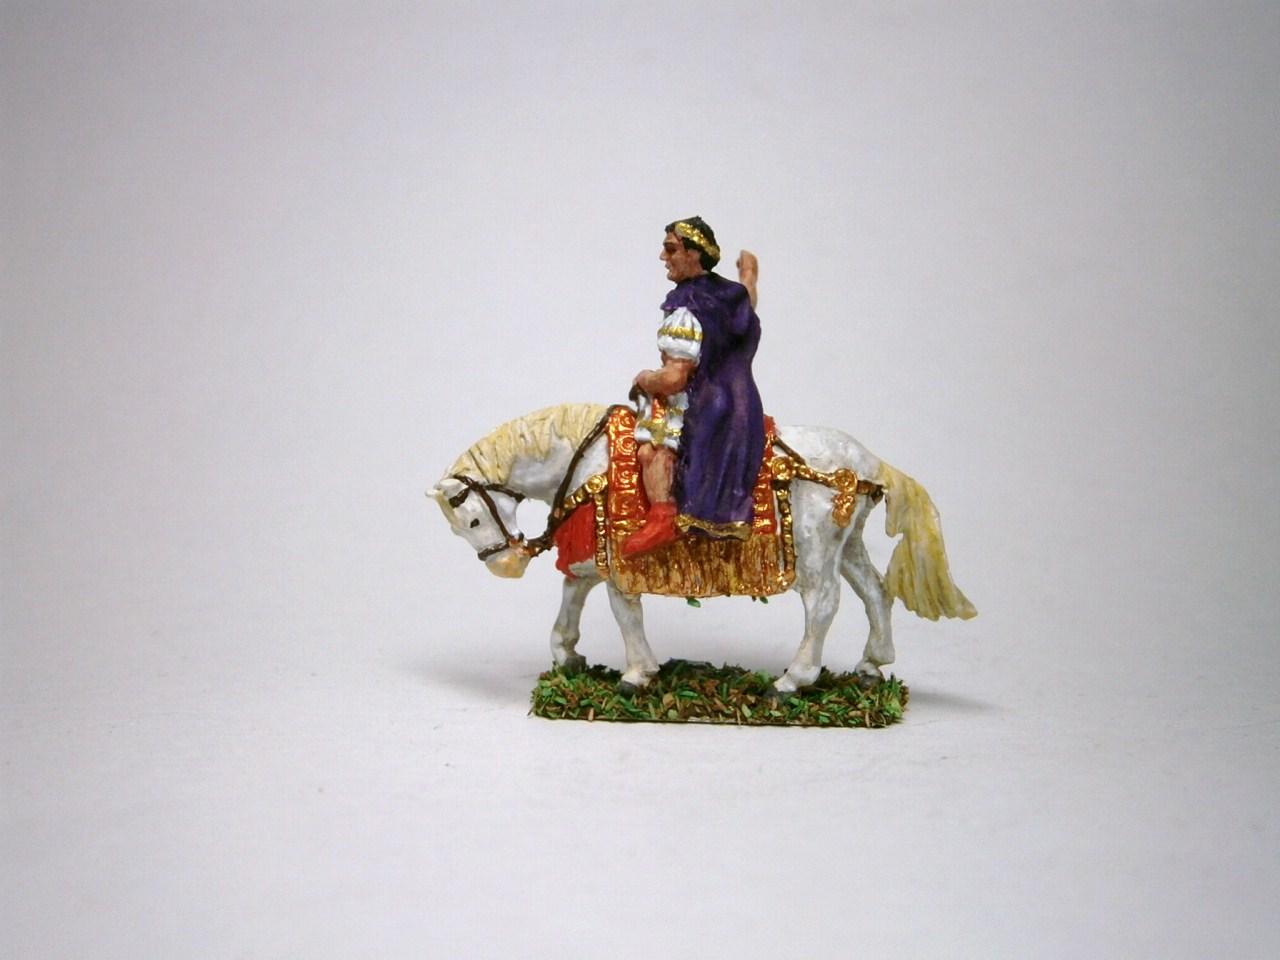 JS72/A-177 - Empereur romain à cheval 1/72